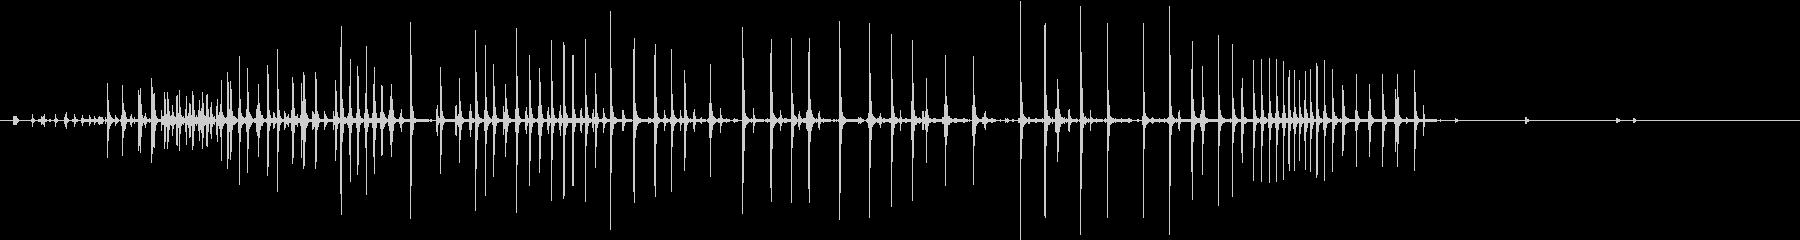 【生録音】ぎゅーっと強く握り締める音 2の未再生の波形